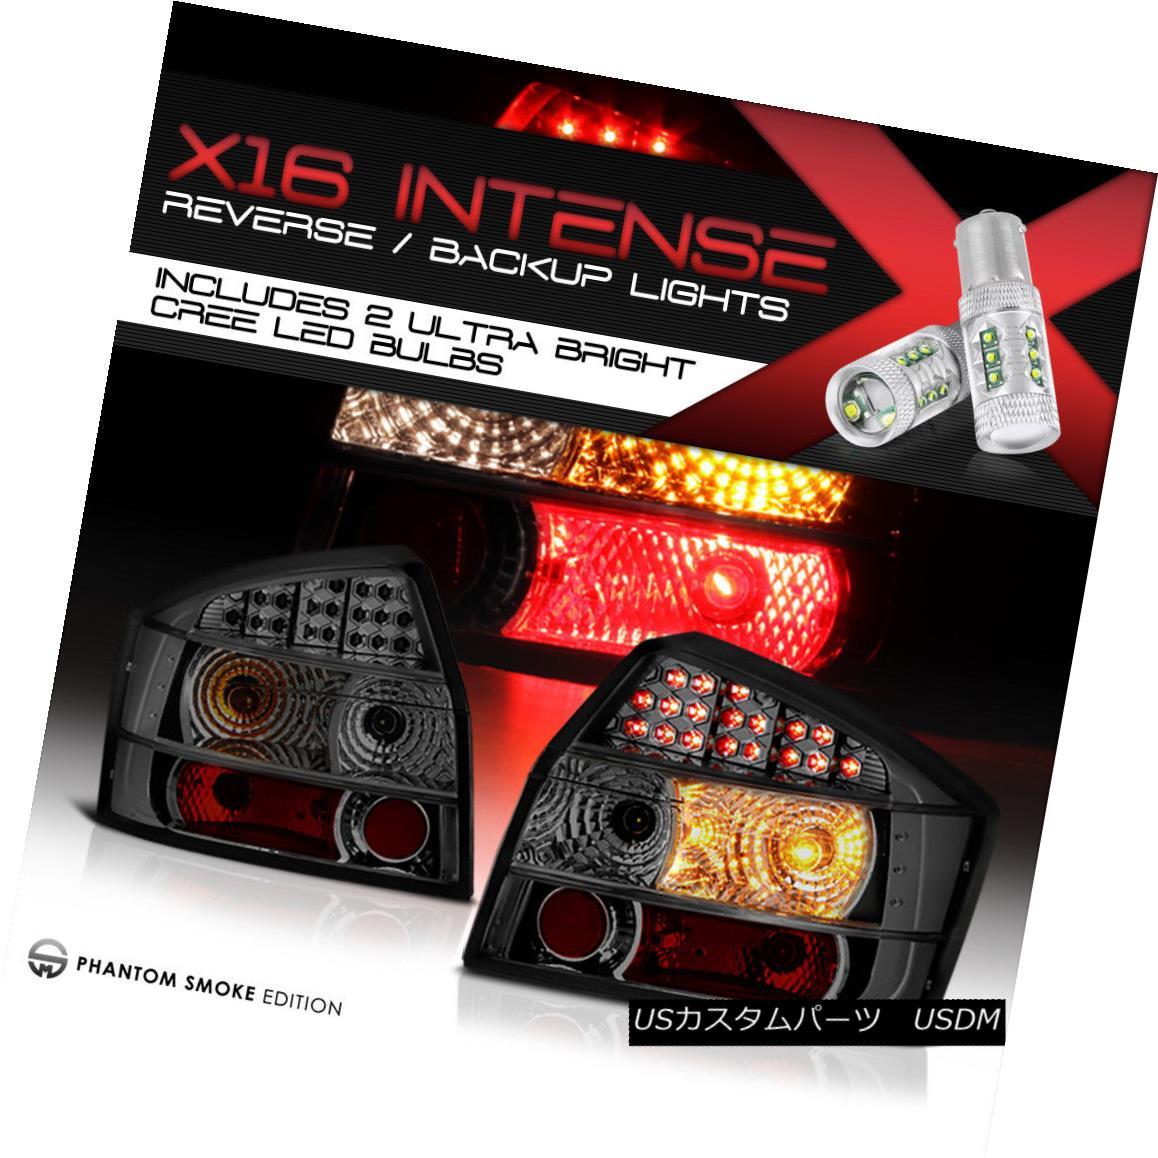 テールライト {Cree LED Reverse} Smoke 02-05 Audi LED Tail Lights Brake Sedan LH RH A4 S4 B6 {Cree LED Reverse}スモーク02-05アウディLEDテールライトブレーキセダンLH RH A4 S4 S4